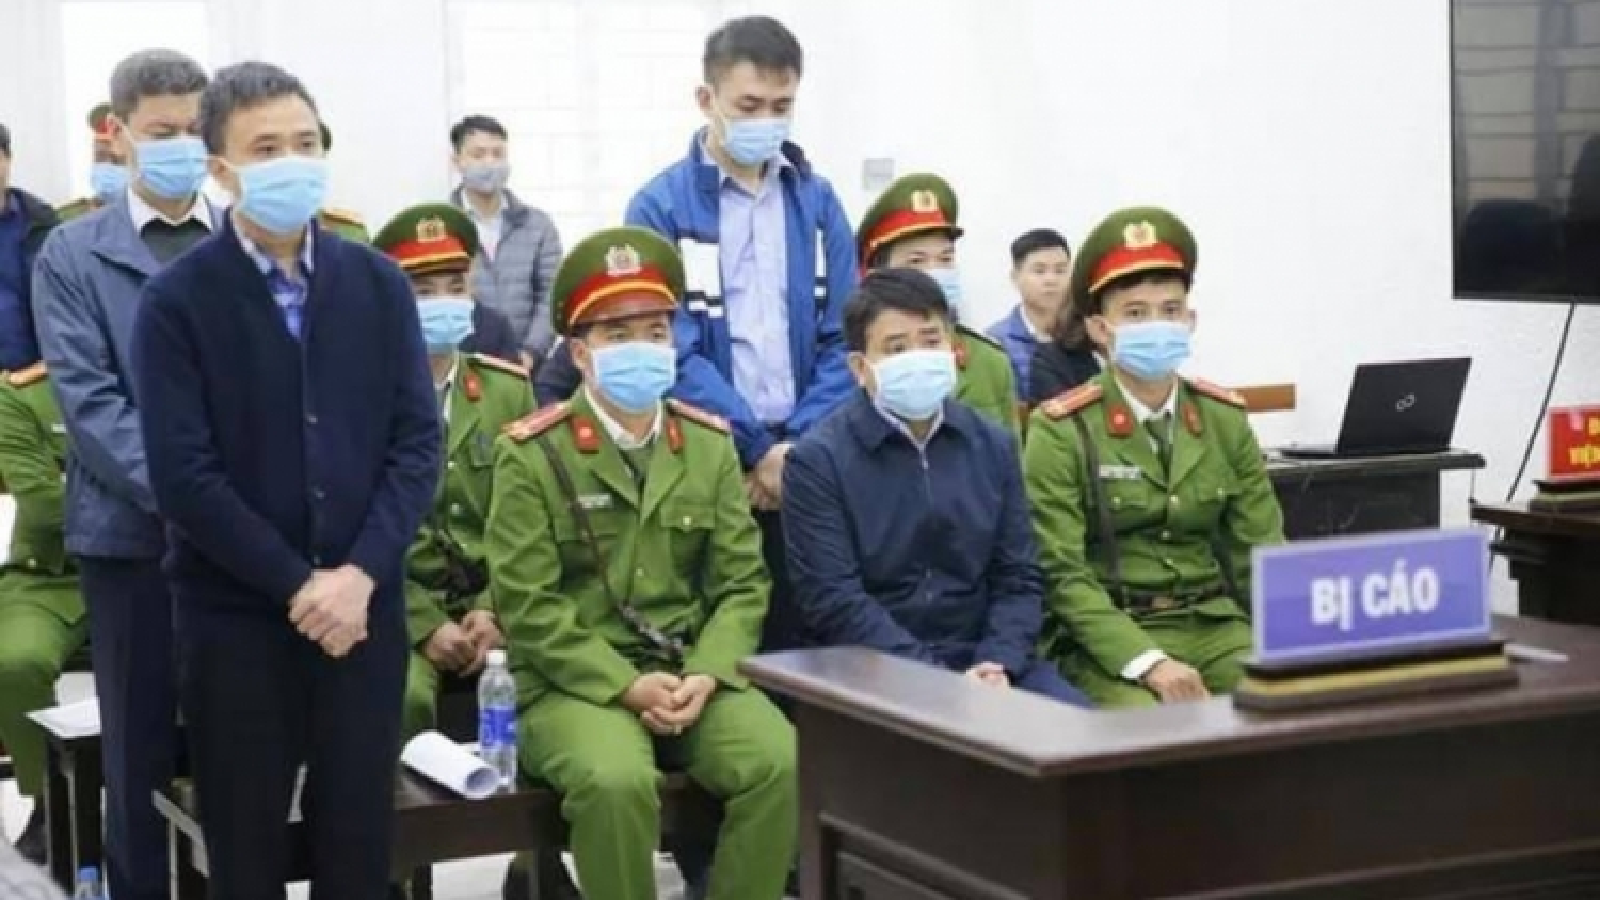 Nóng 24h: Ông Nguyễn Đức Chung với vai trò chủ mưu bị tuyên phạt 5 năm tù